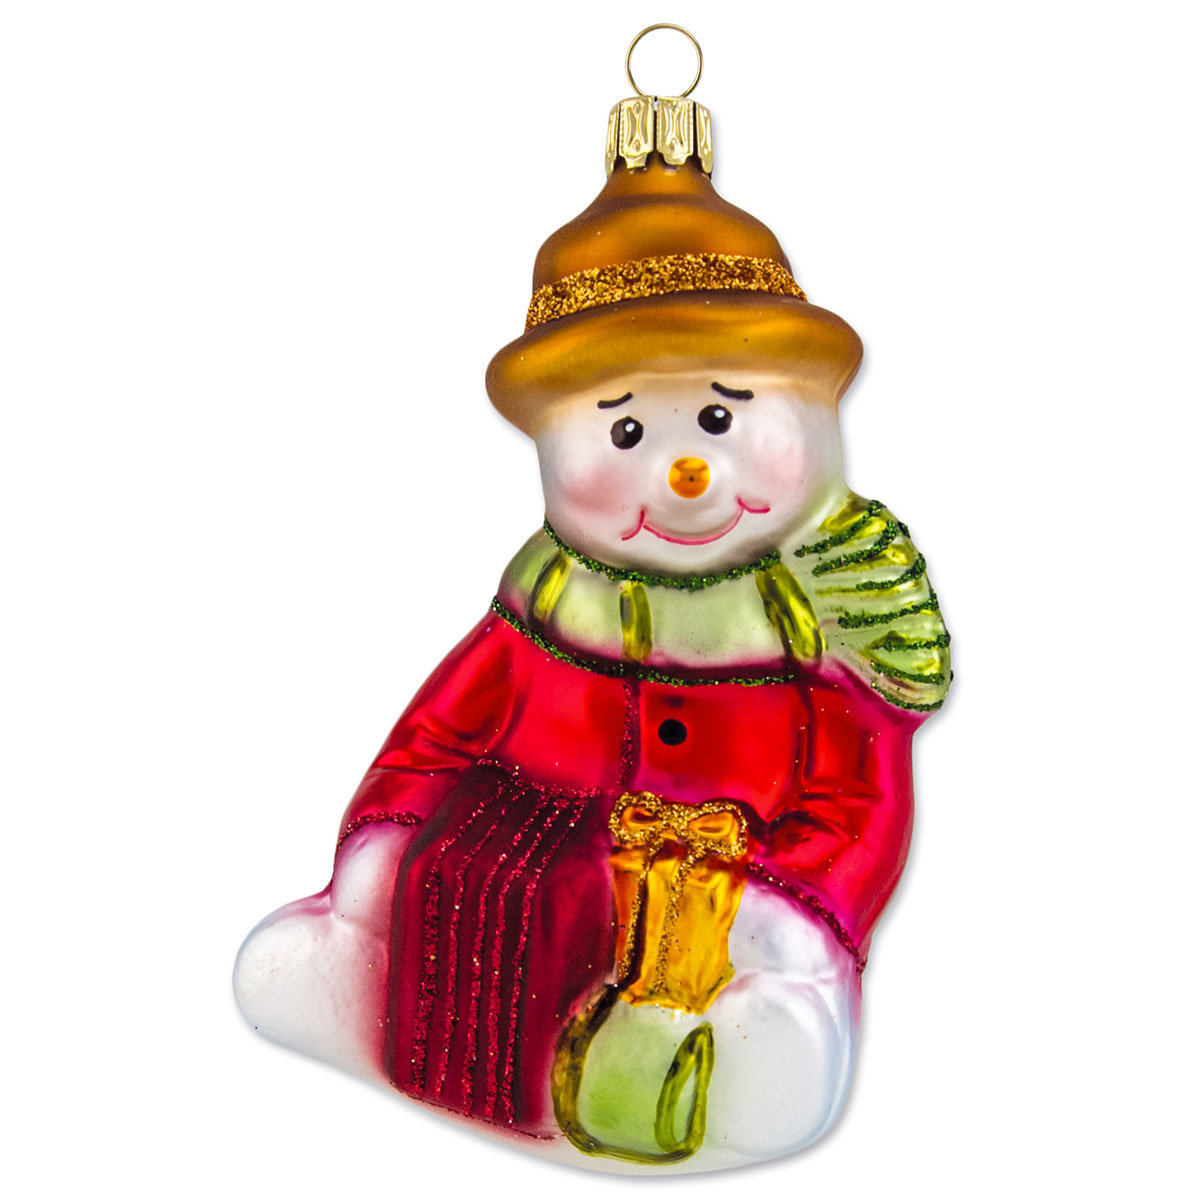 Christbaumschmuck - Schneemann sitzend mit Geschenken, 10 cm, mundgeblasen